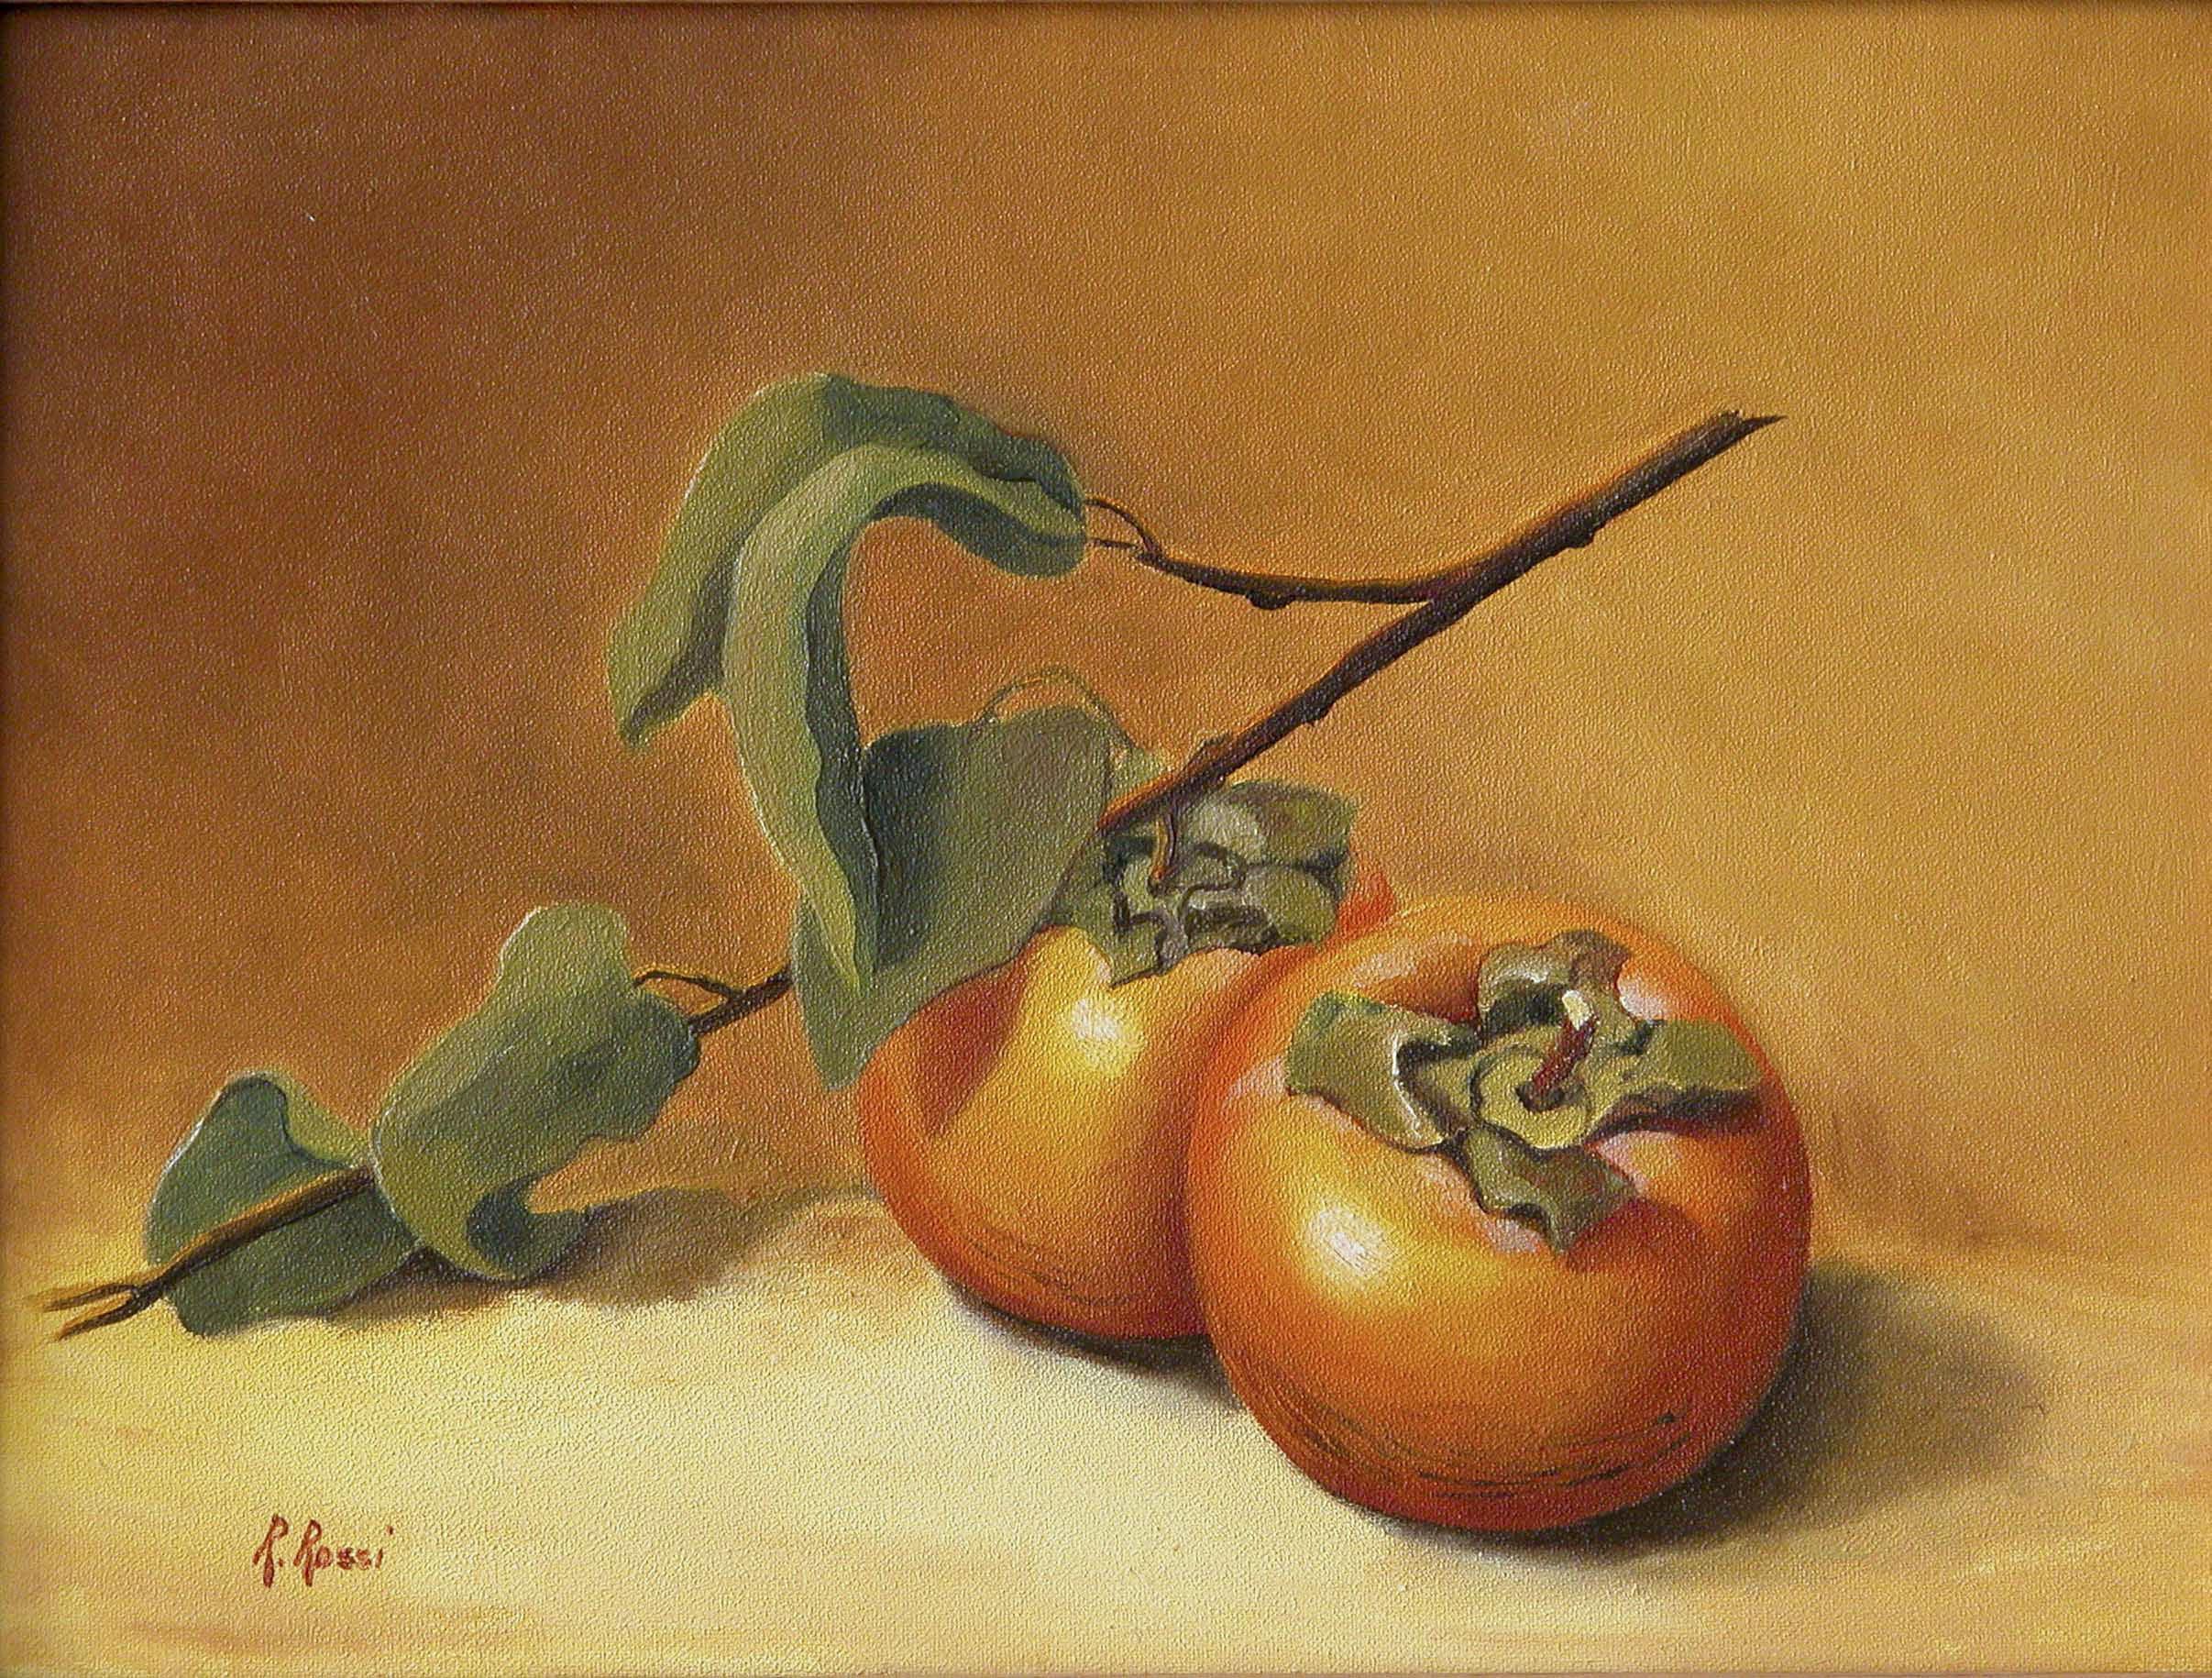 2007 roberta rossi - Aria d'autunno - olio su tela - 18 x 24